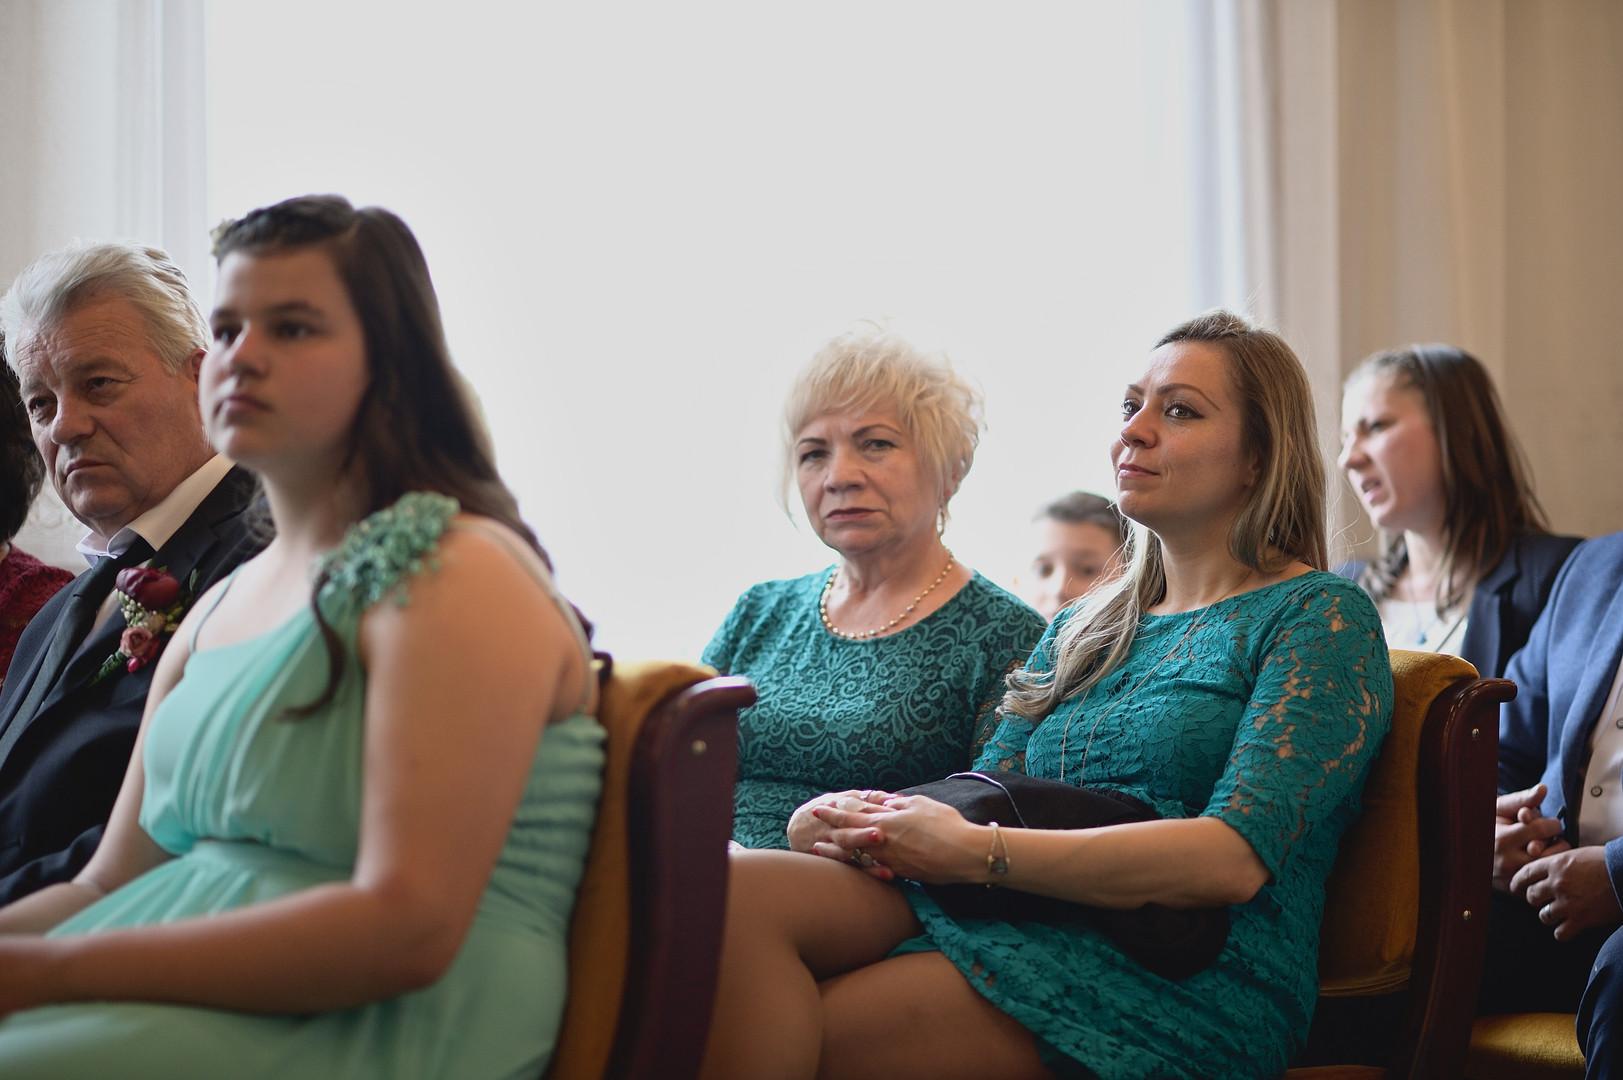 045 Esküvői fotózás - Enikő és Peti.jpg